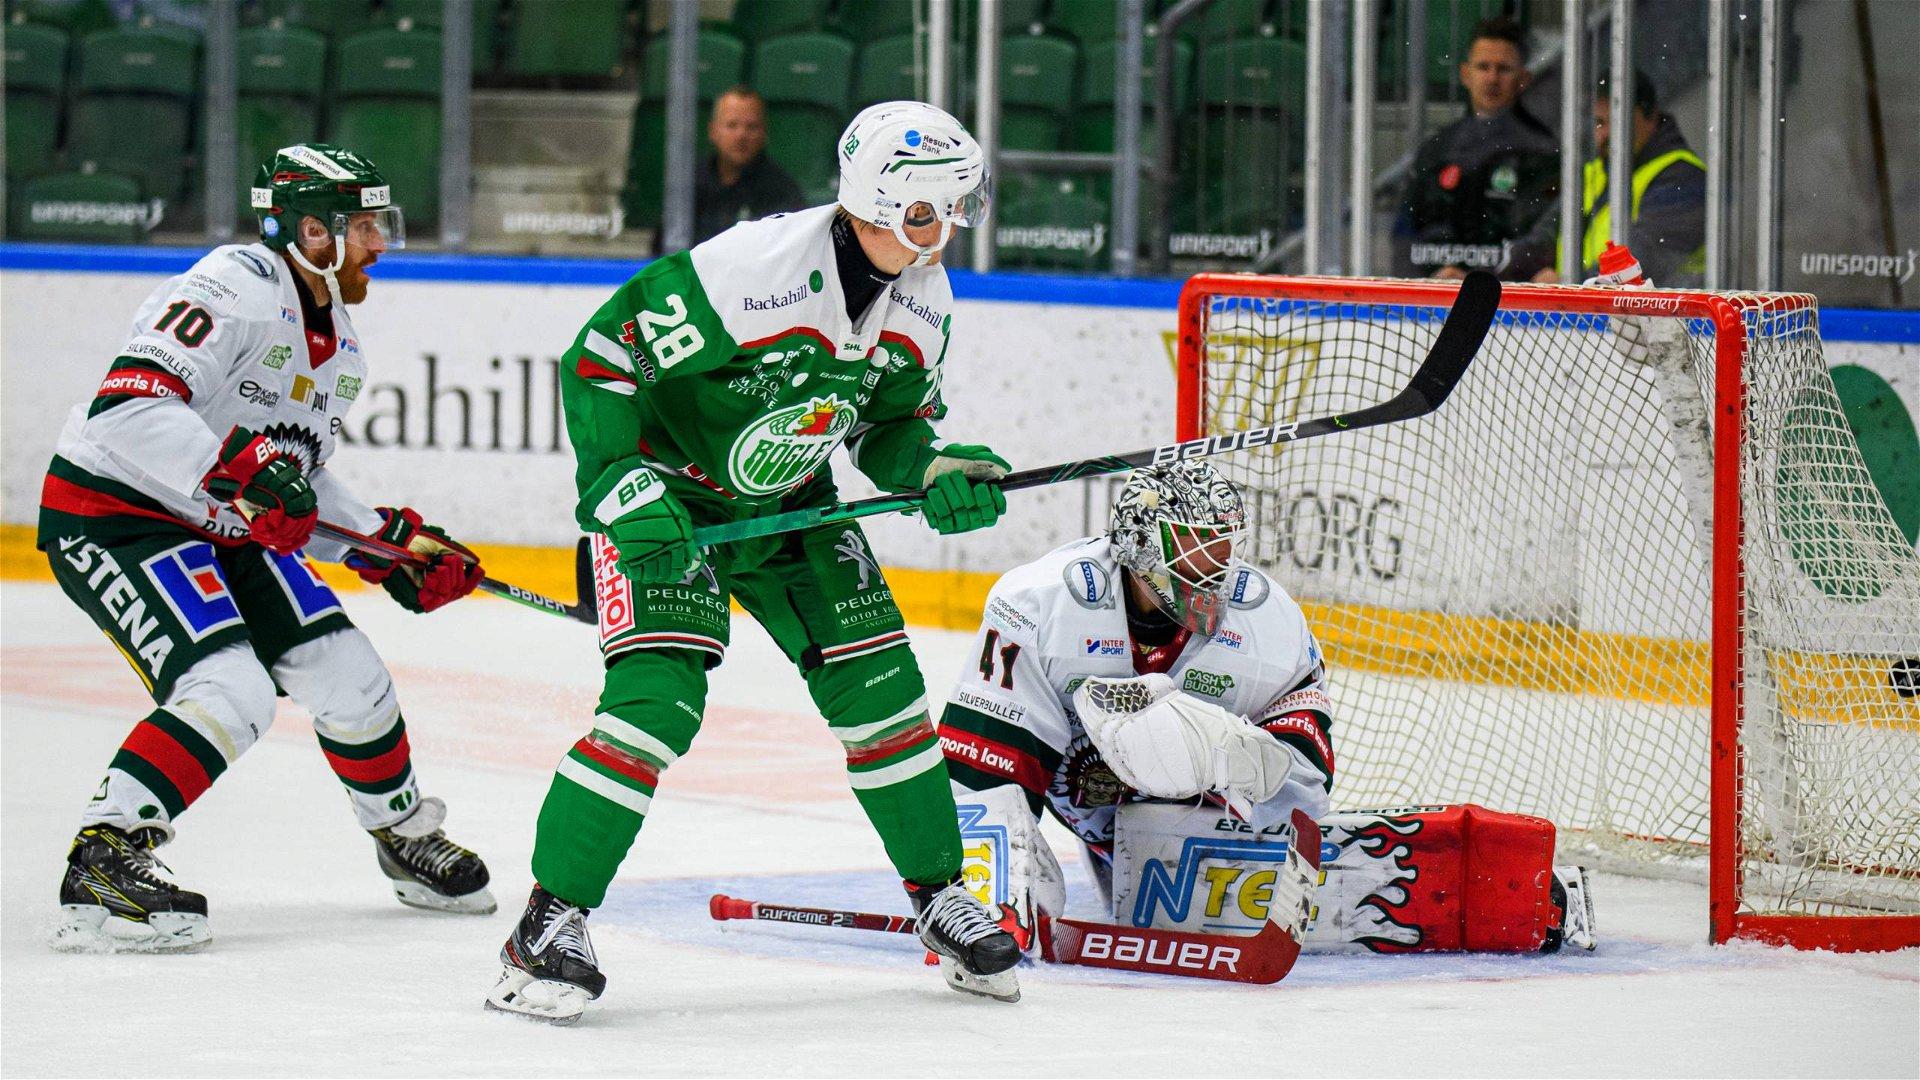 Rögles Anton Bengtsson gör det avgörande målet mot Frölunda.